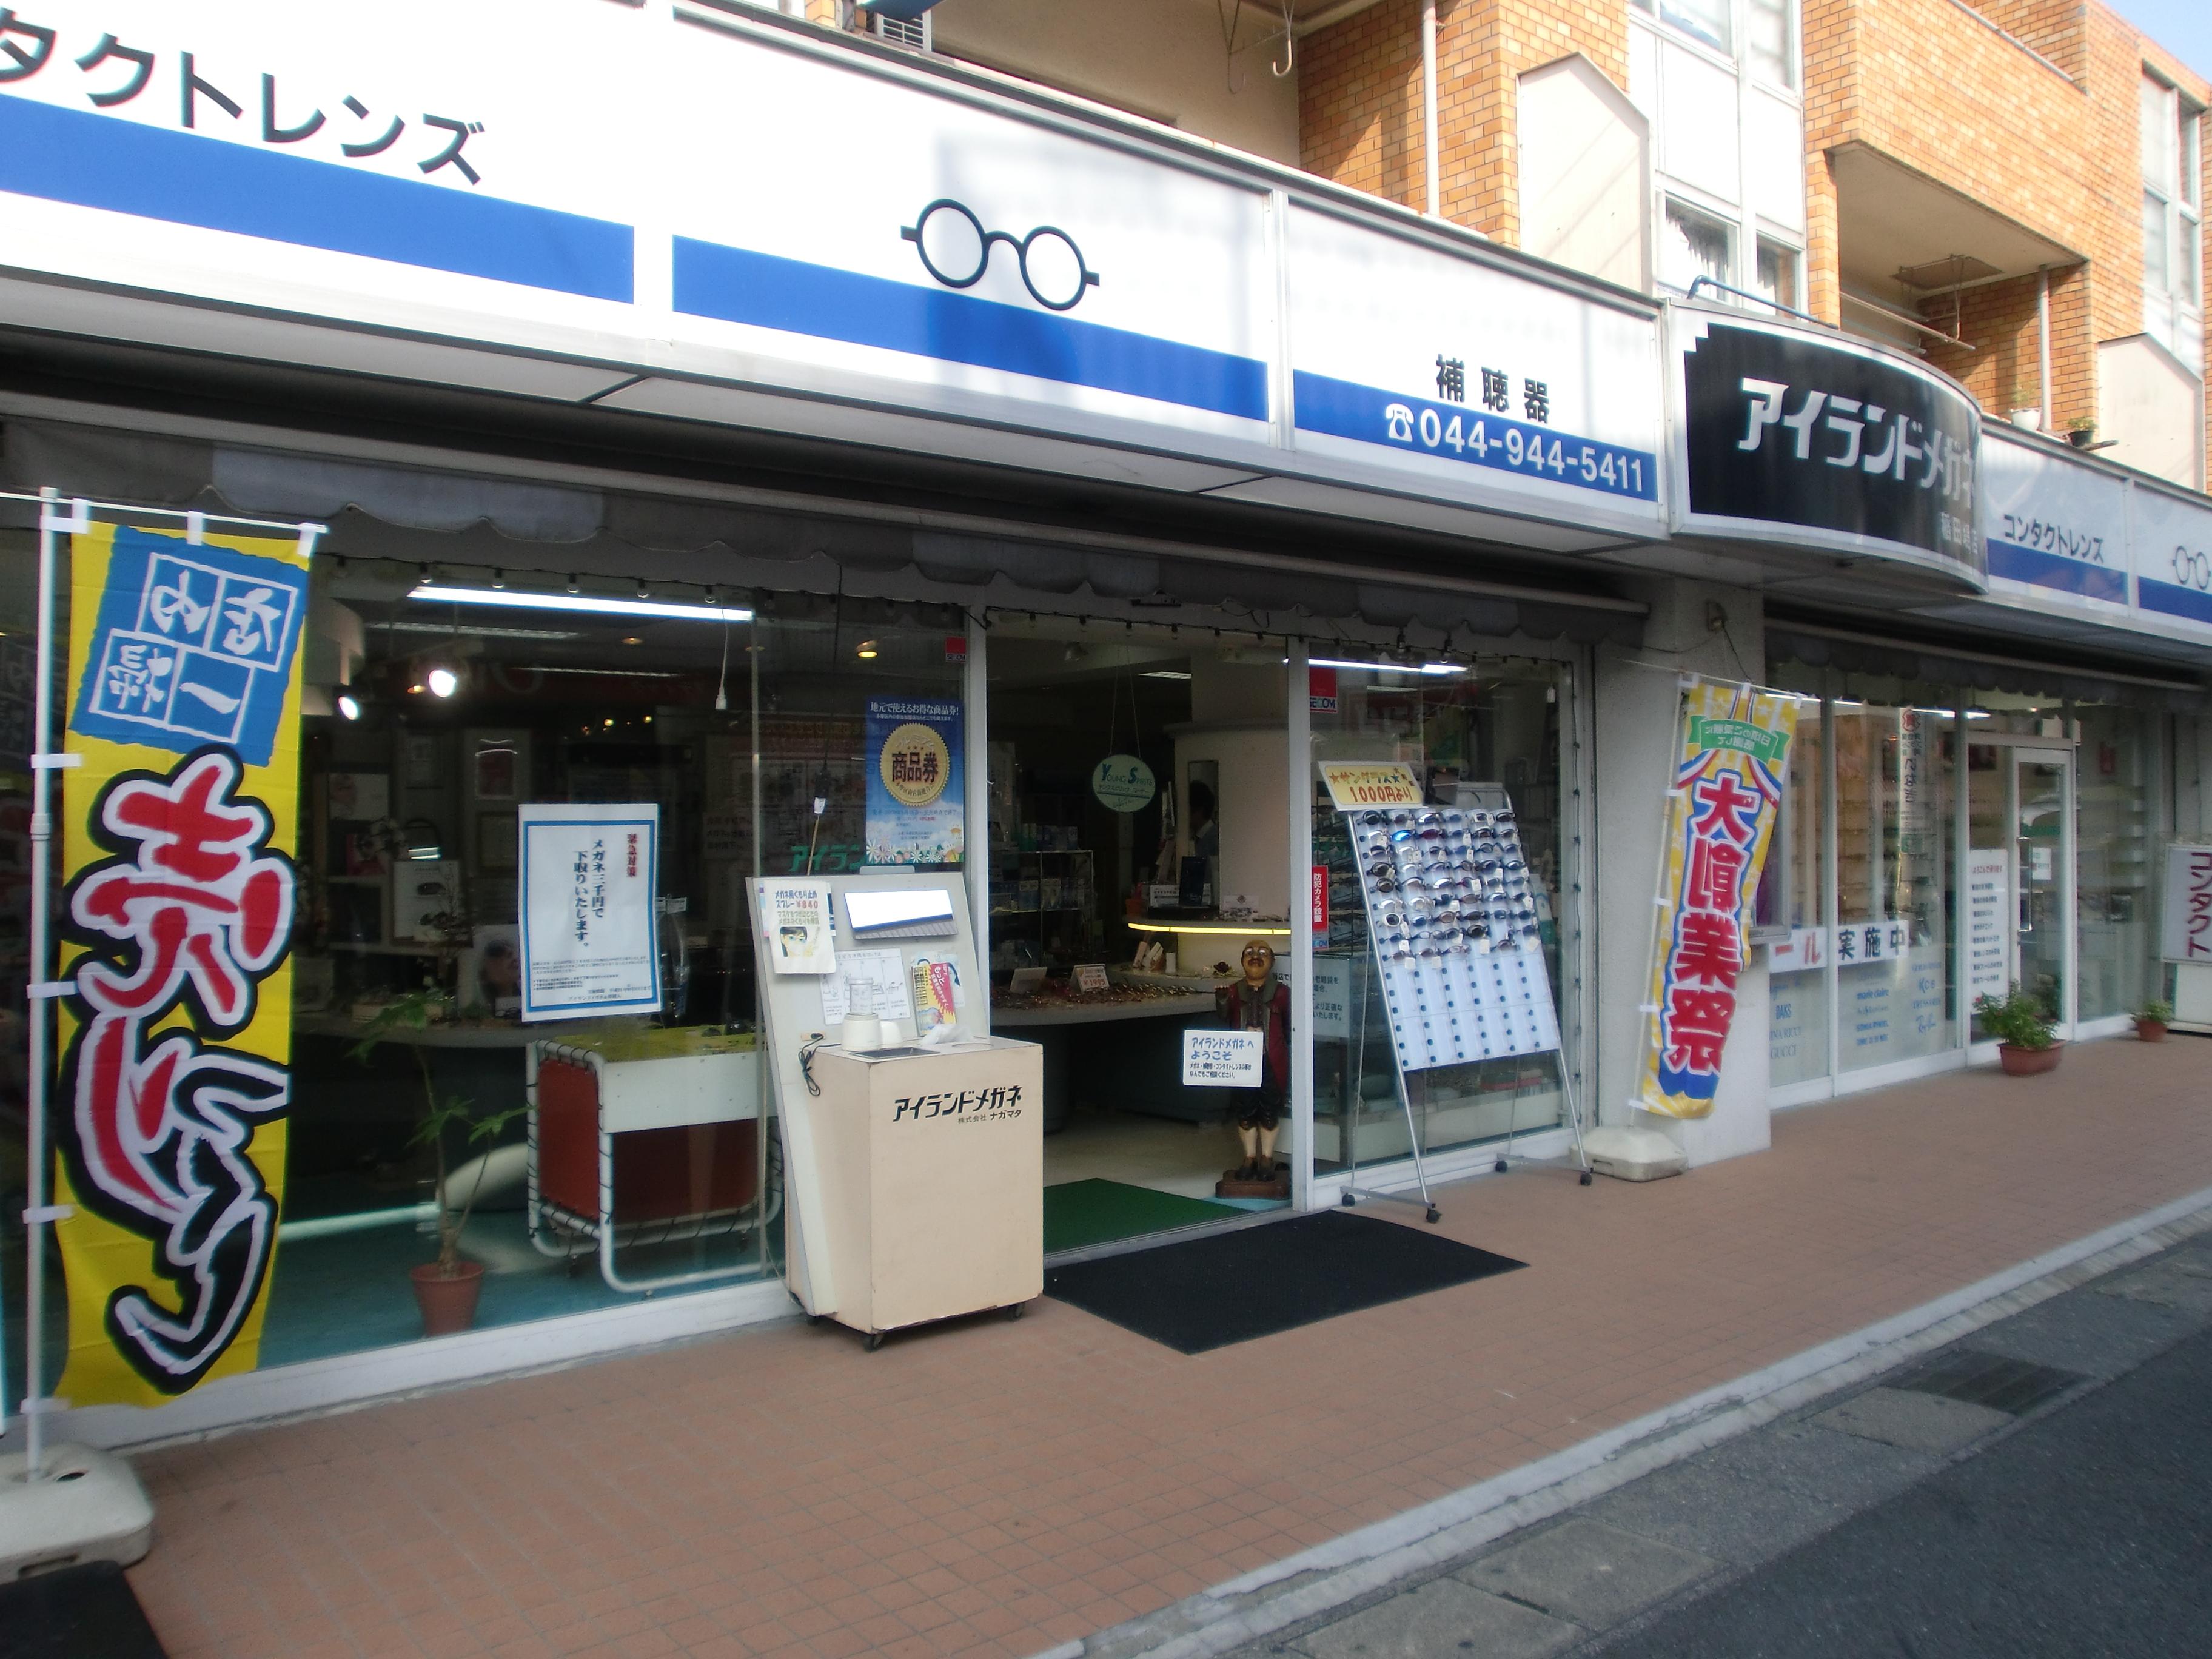 アイランドメガネ(稲田堤店)